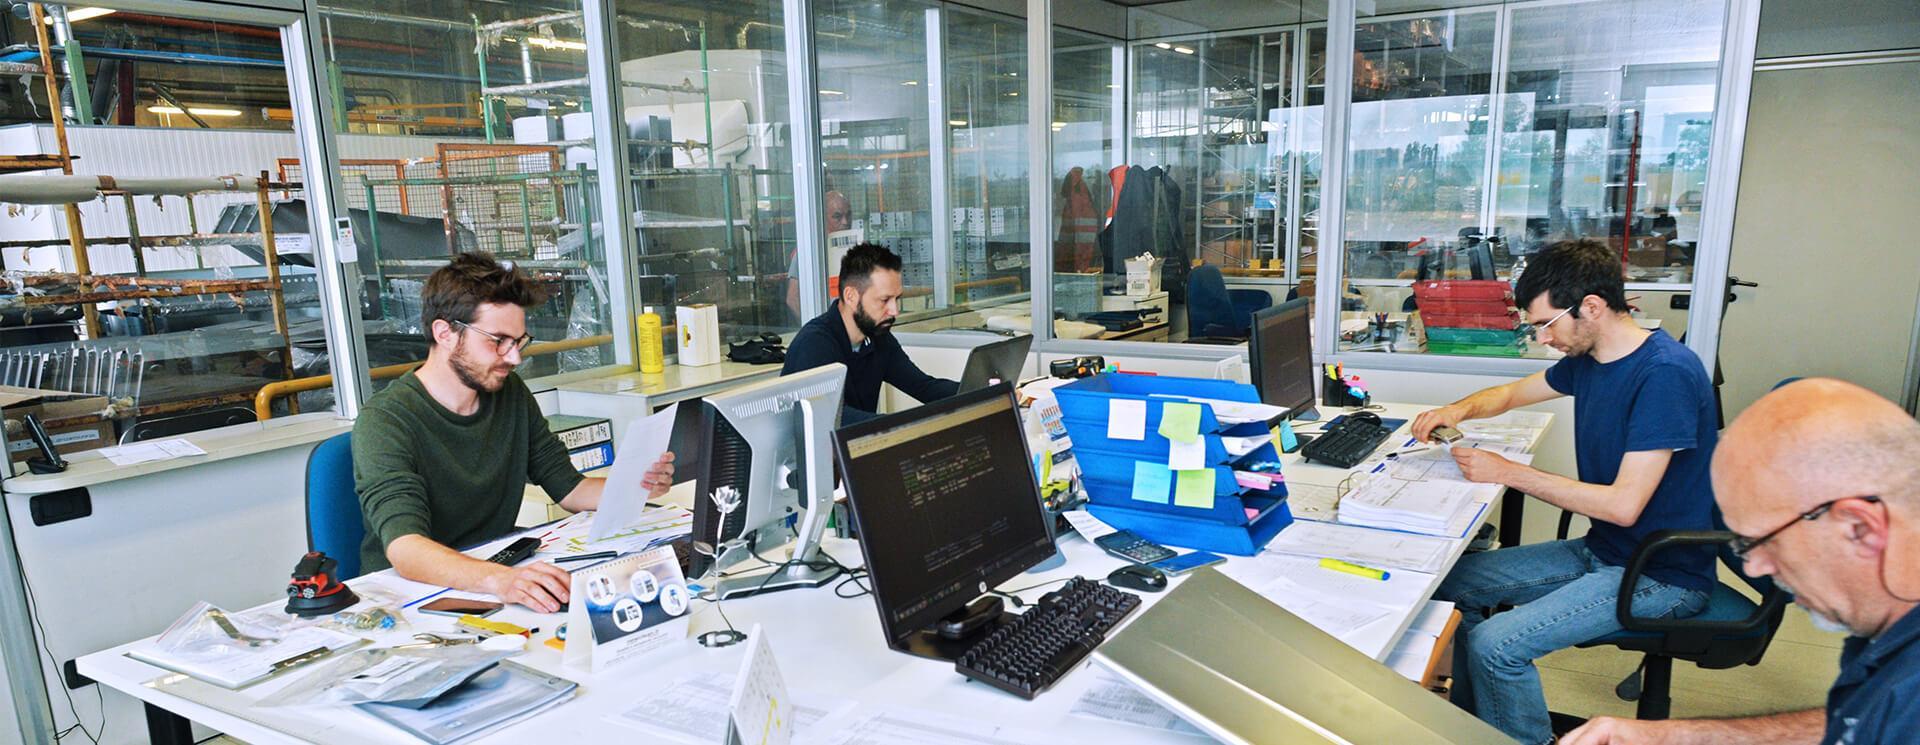 Ufficio tecnico Lavorazione Lamiere - Pres Metal Verona